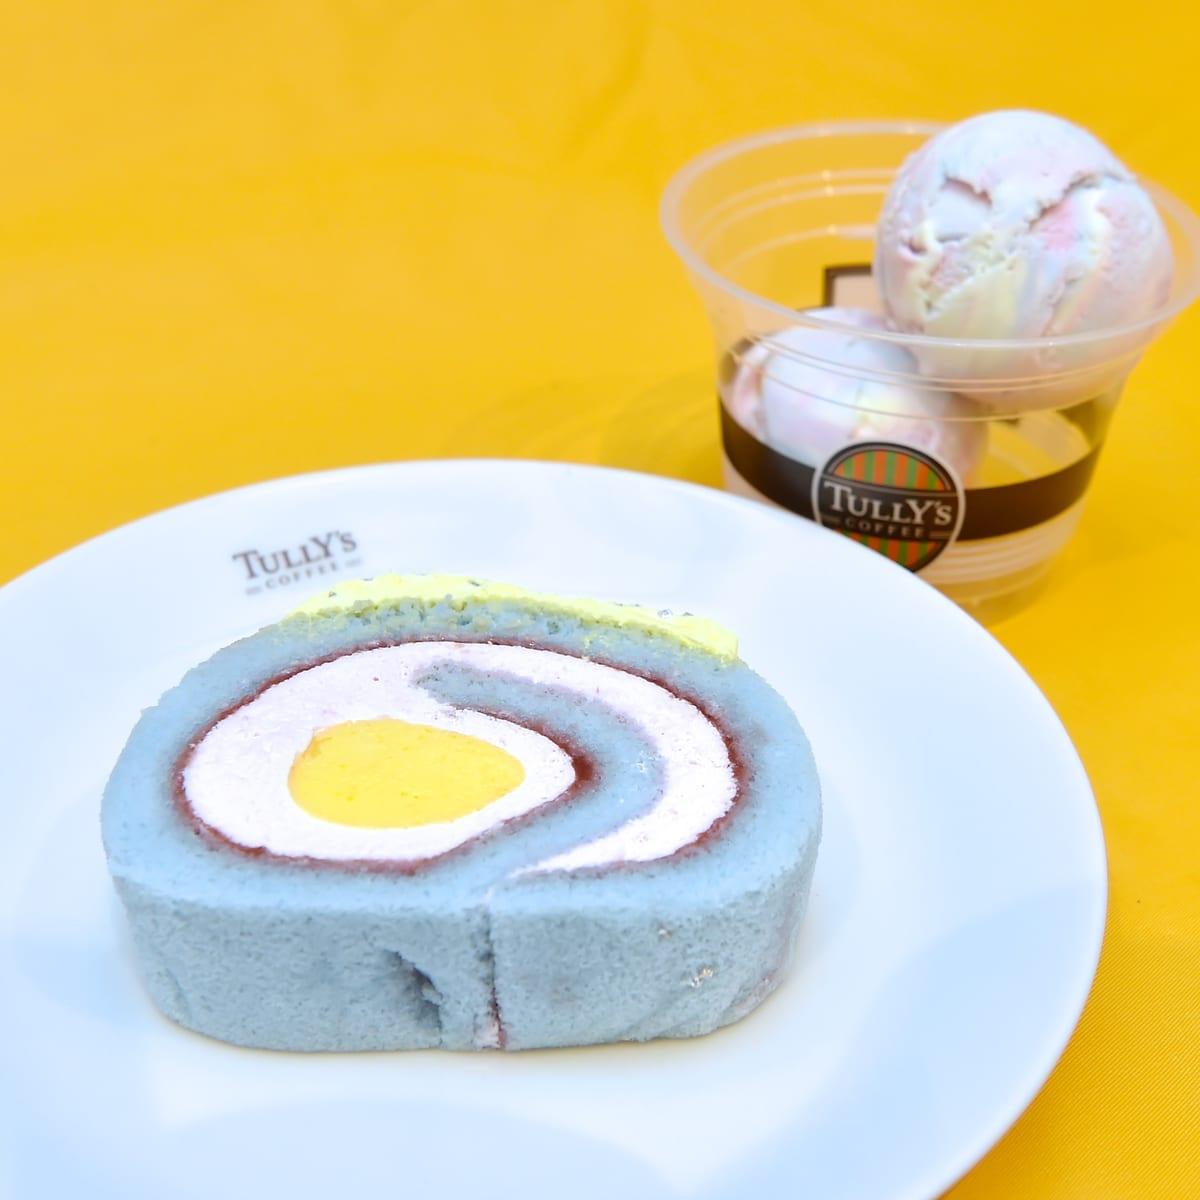 「タリーズユニコーンロール バナナ&ストロベリー/T's ポップンマーブルソーダ」2